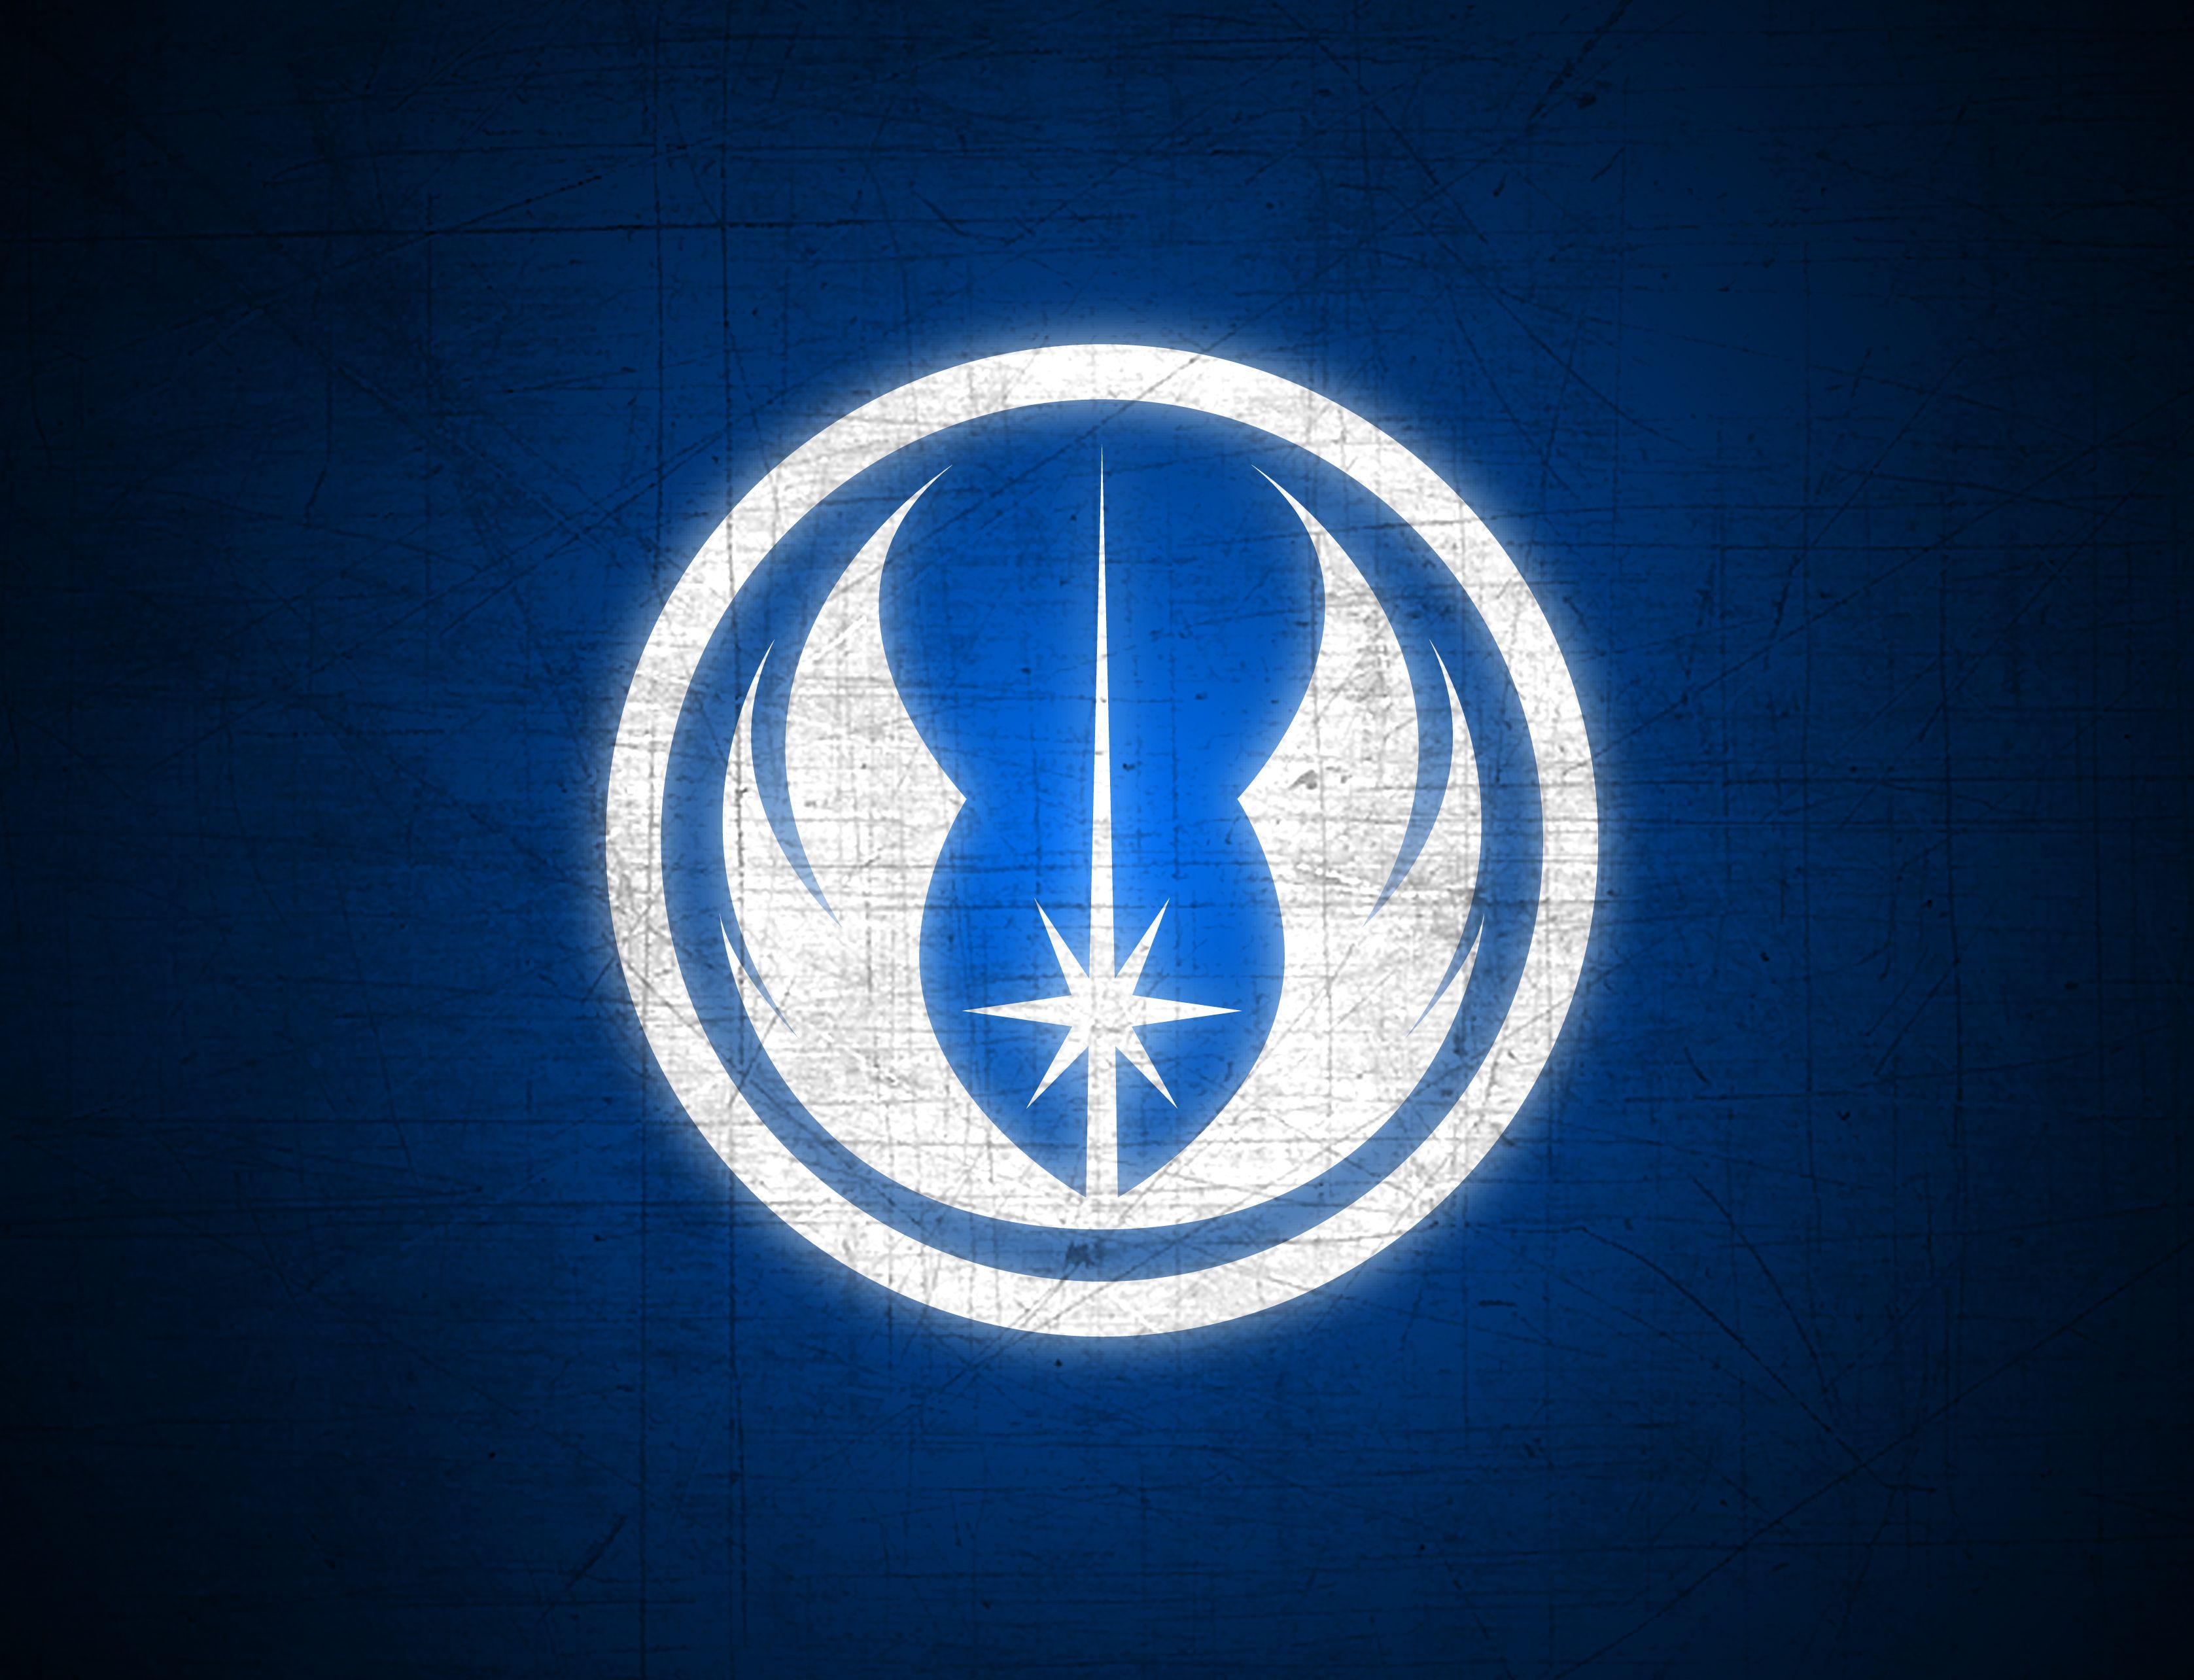 Jedi Order Emblem Star Wars Wallpaper Star Wars Galaxies Star Wars Empire